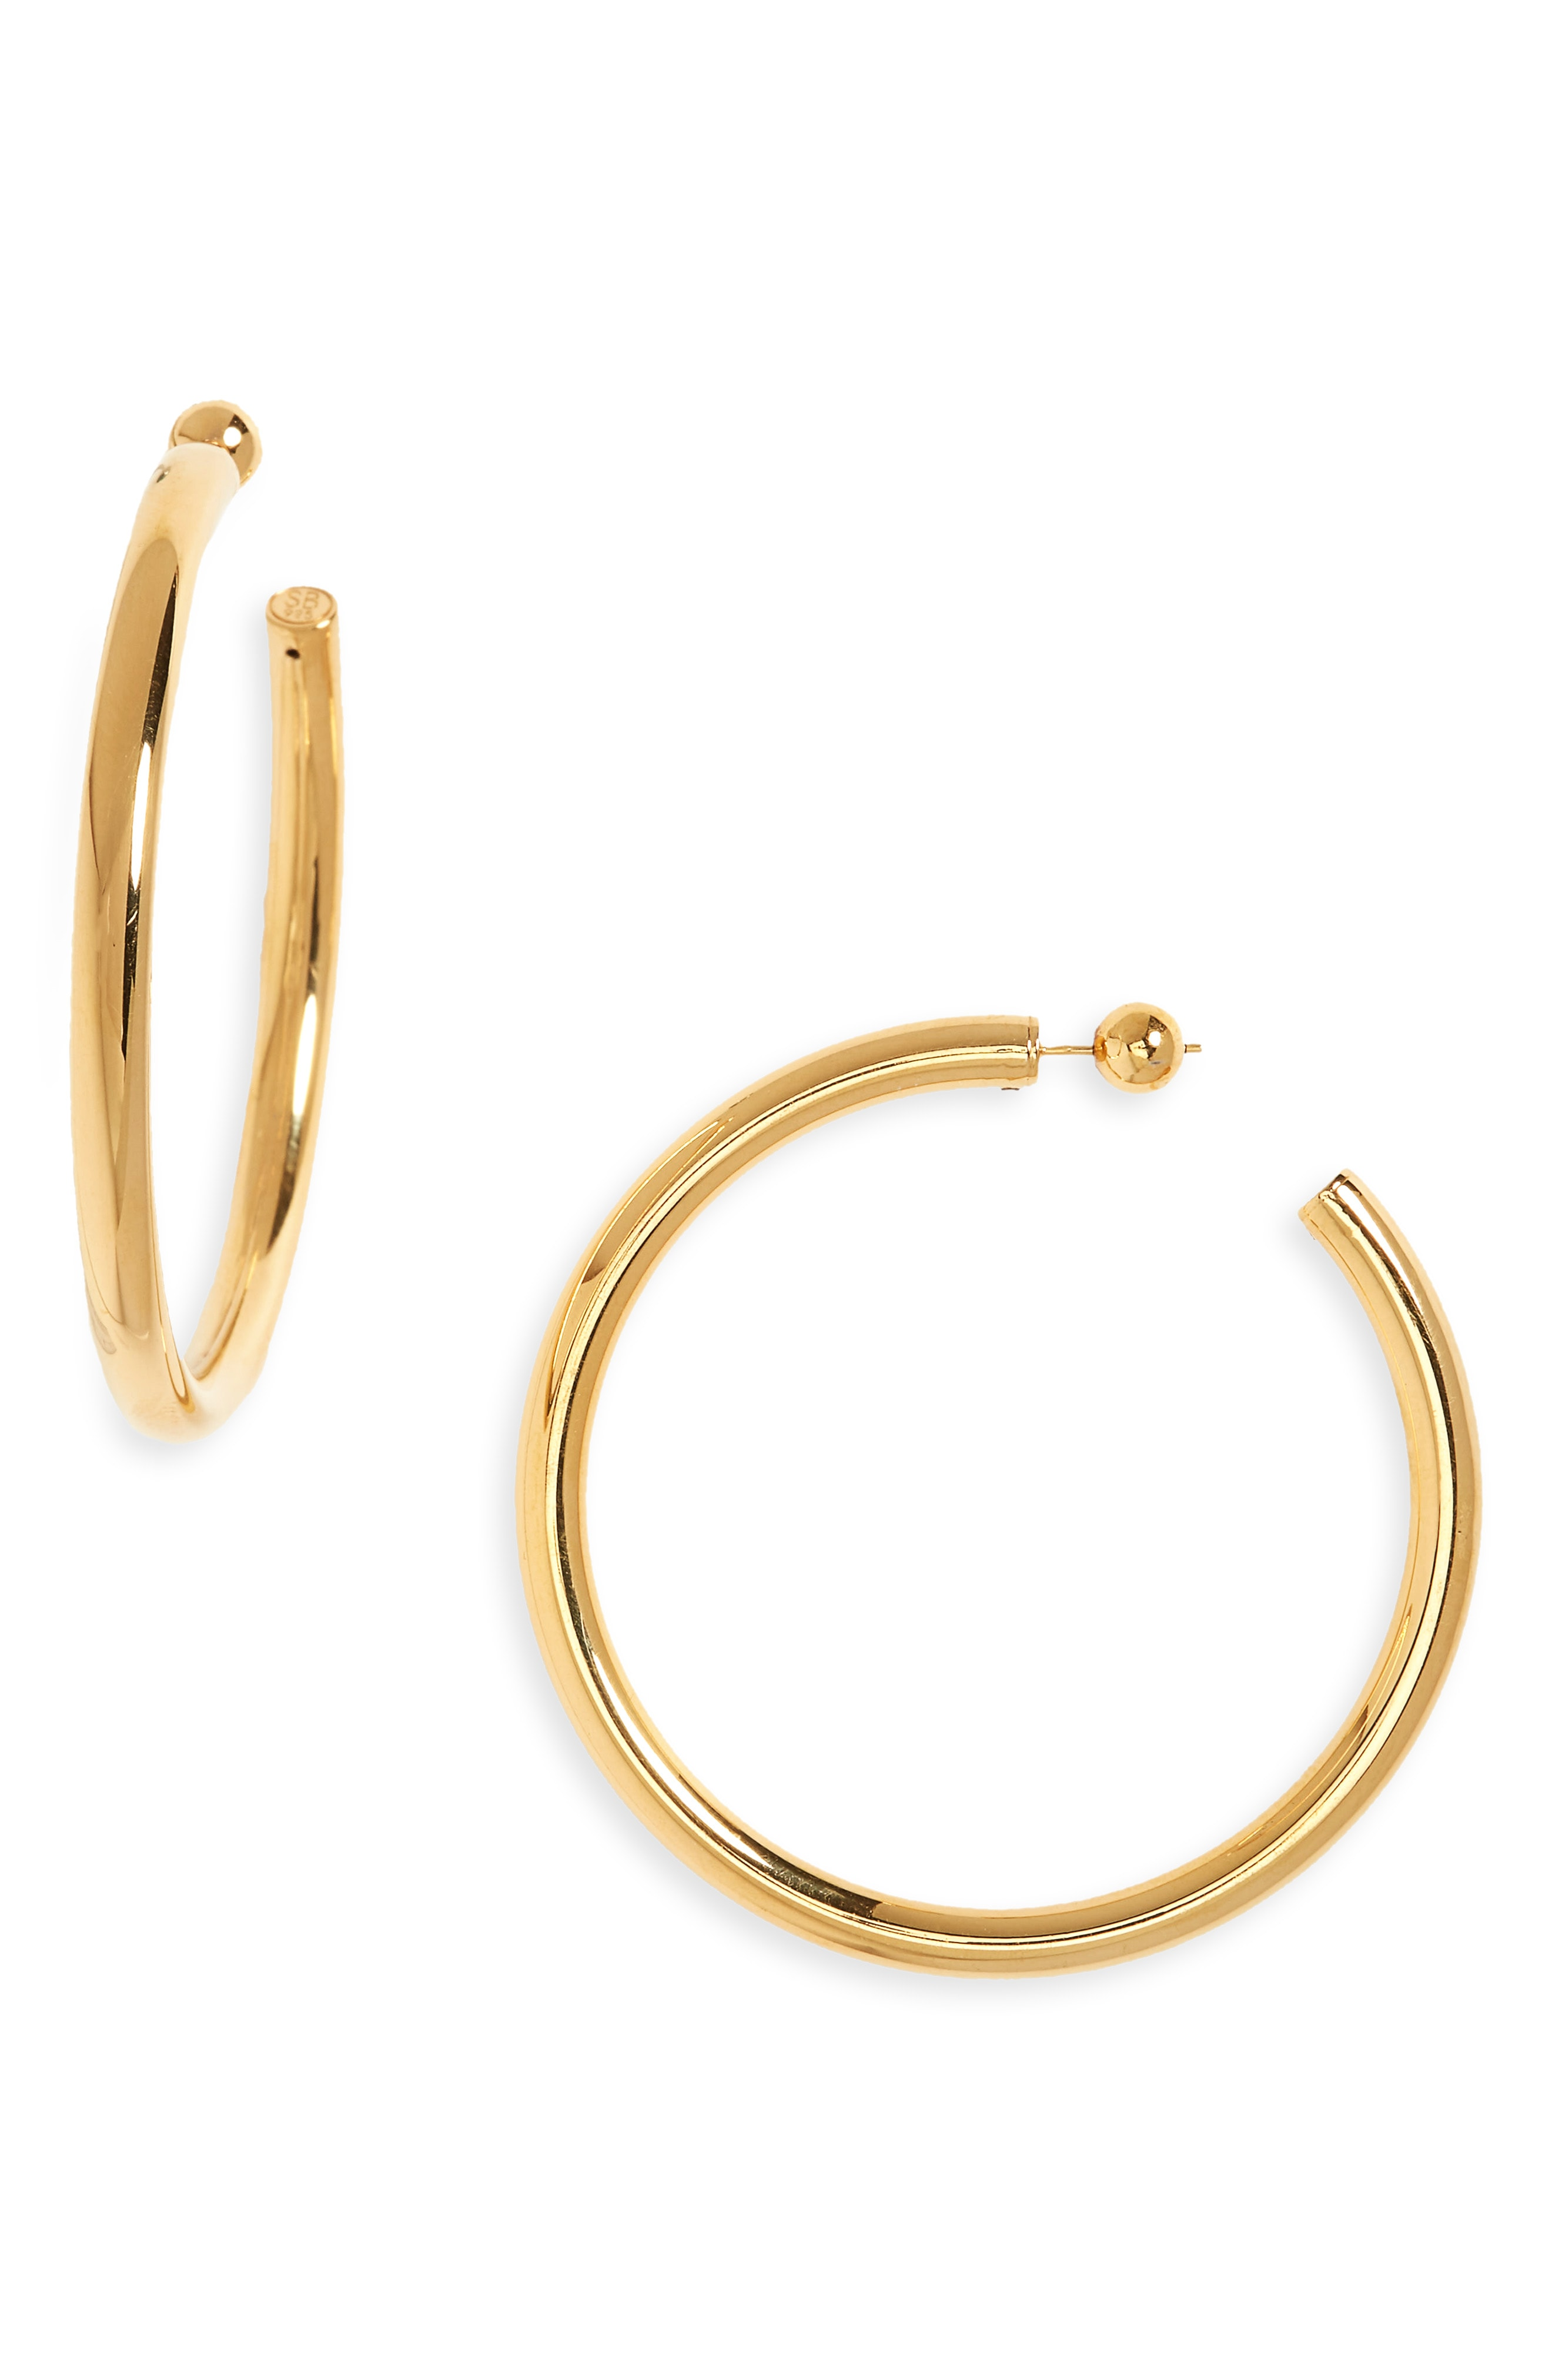 Sophie Buhai Large Everyday Vermeil Hoop Earrings